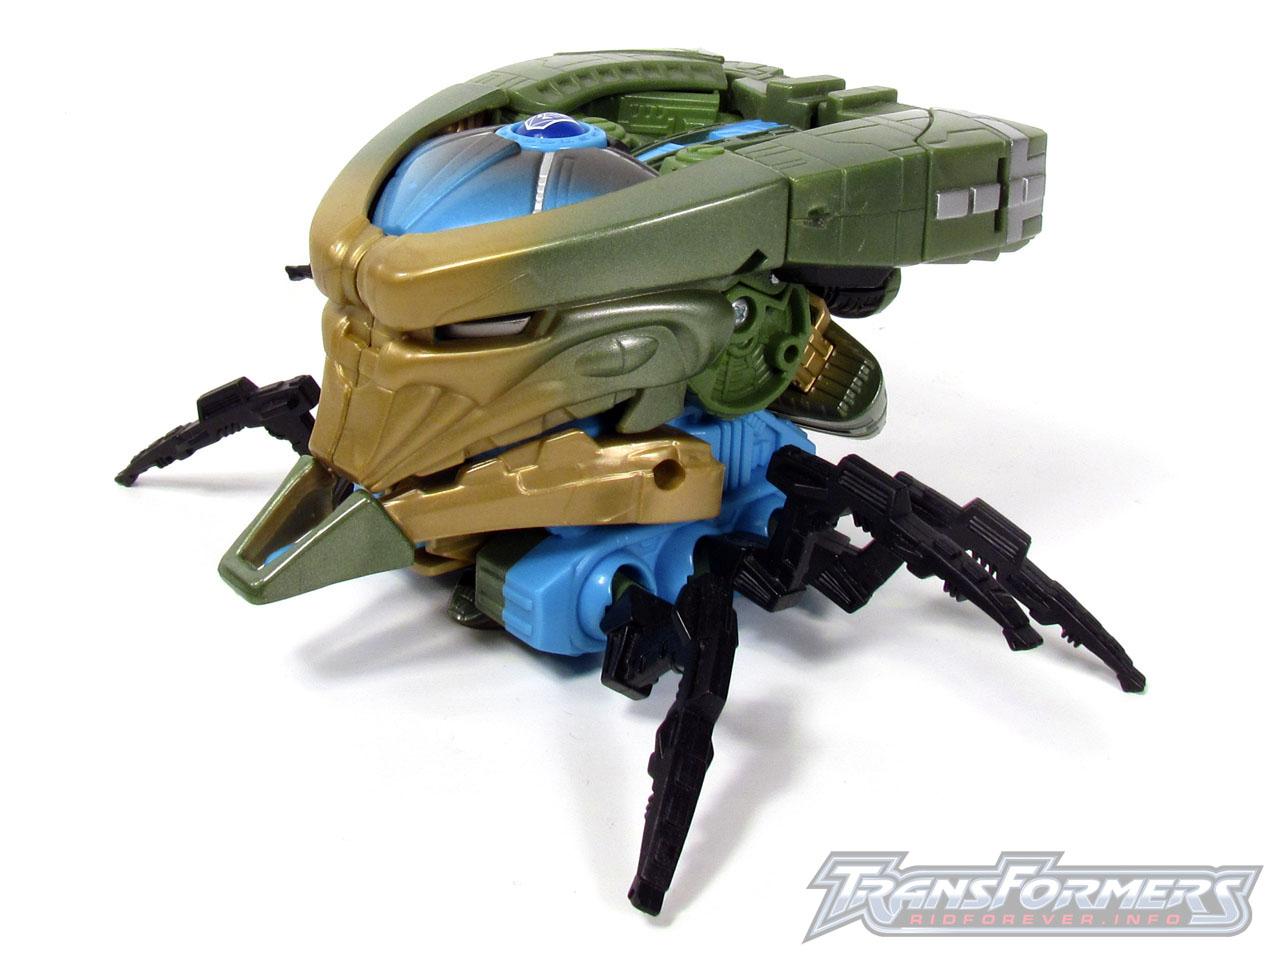 RID Megabolt Megatron Green 013